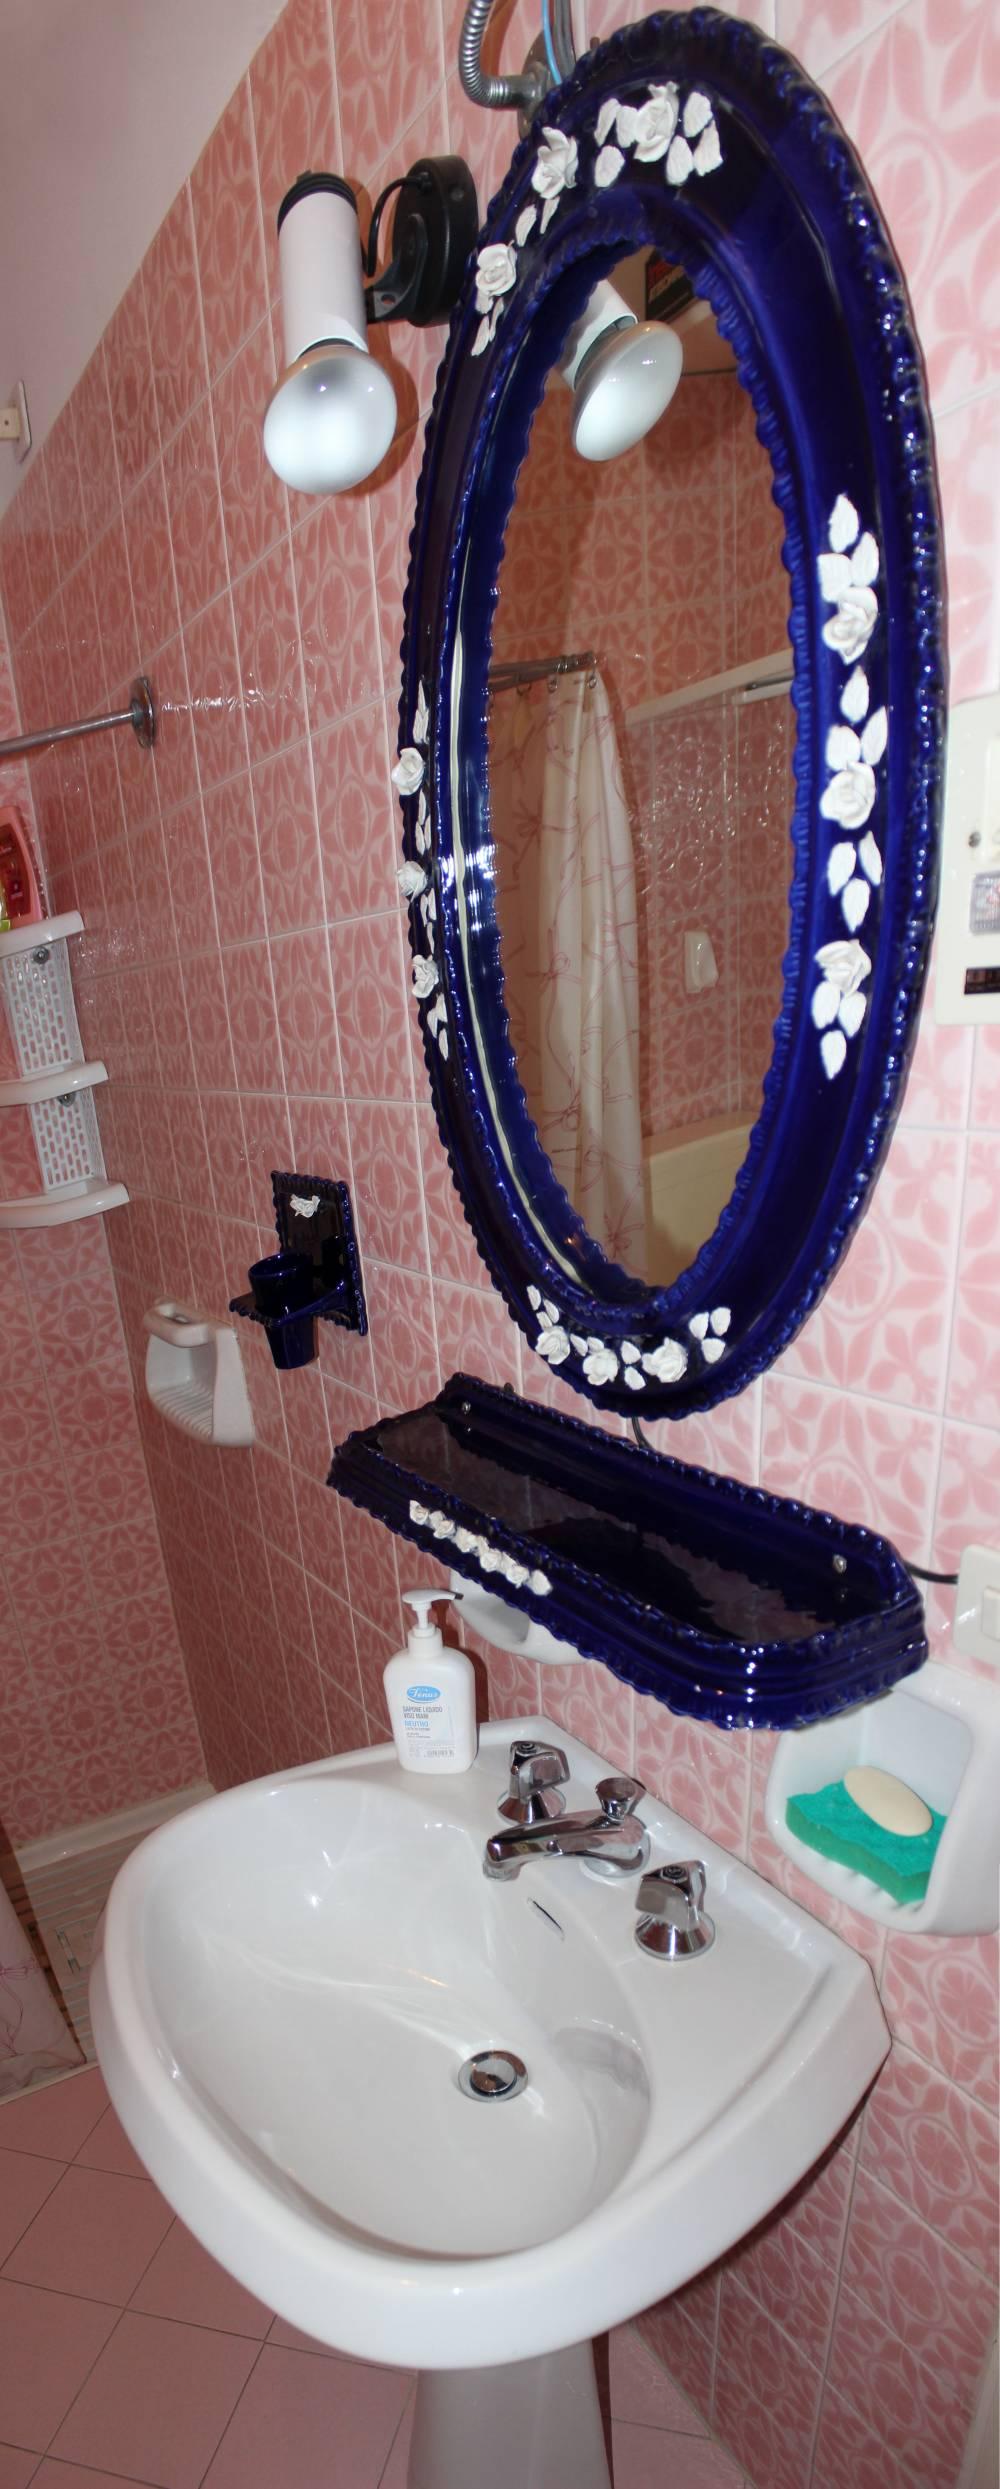 Toto n. 2 del bagno